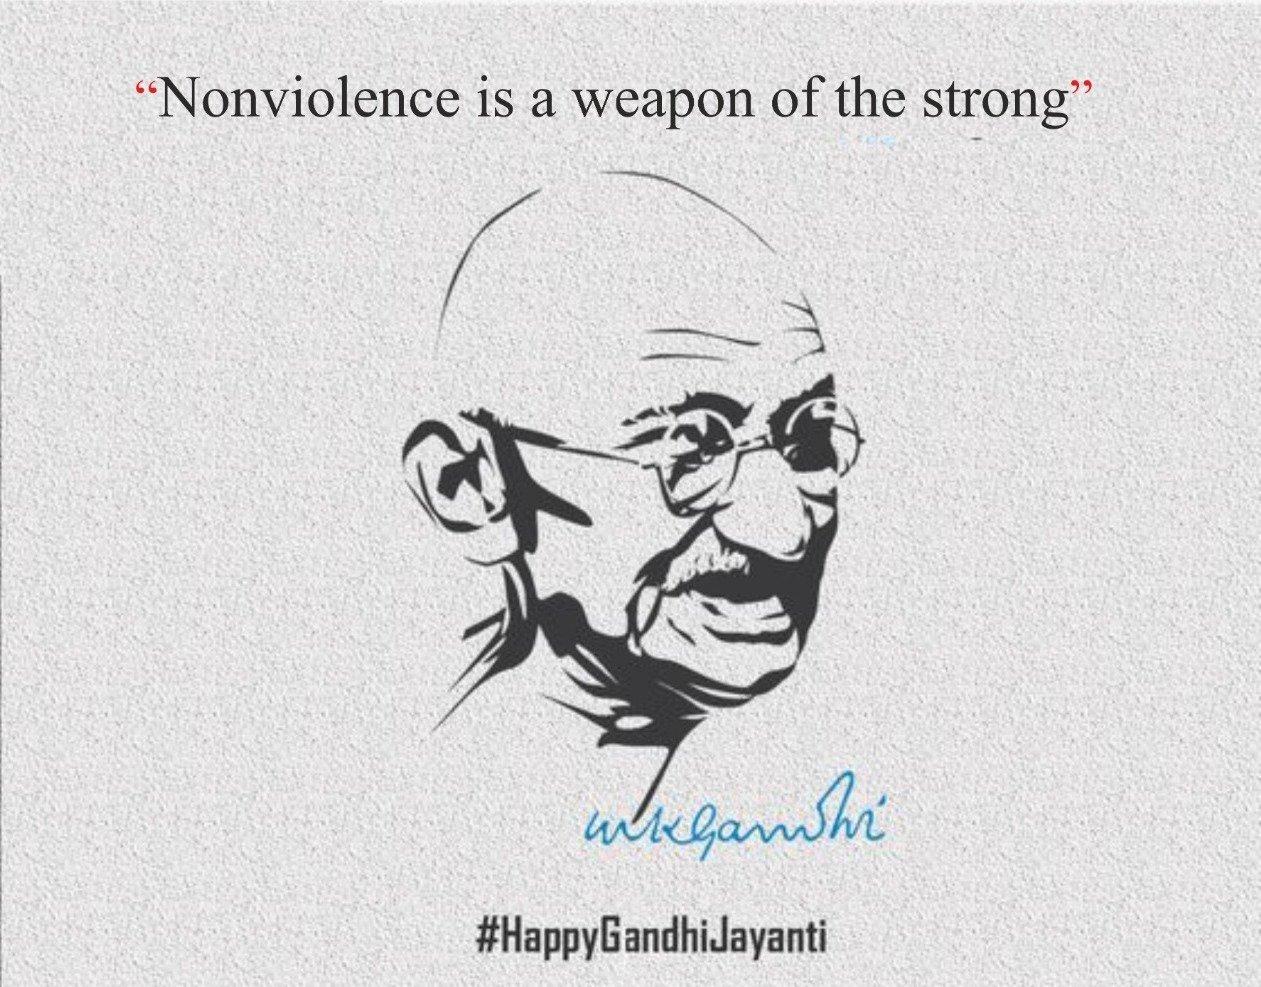 InternationalDayofNonviolence